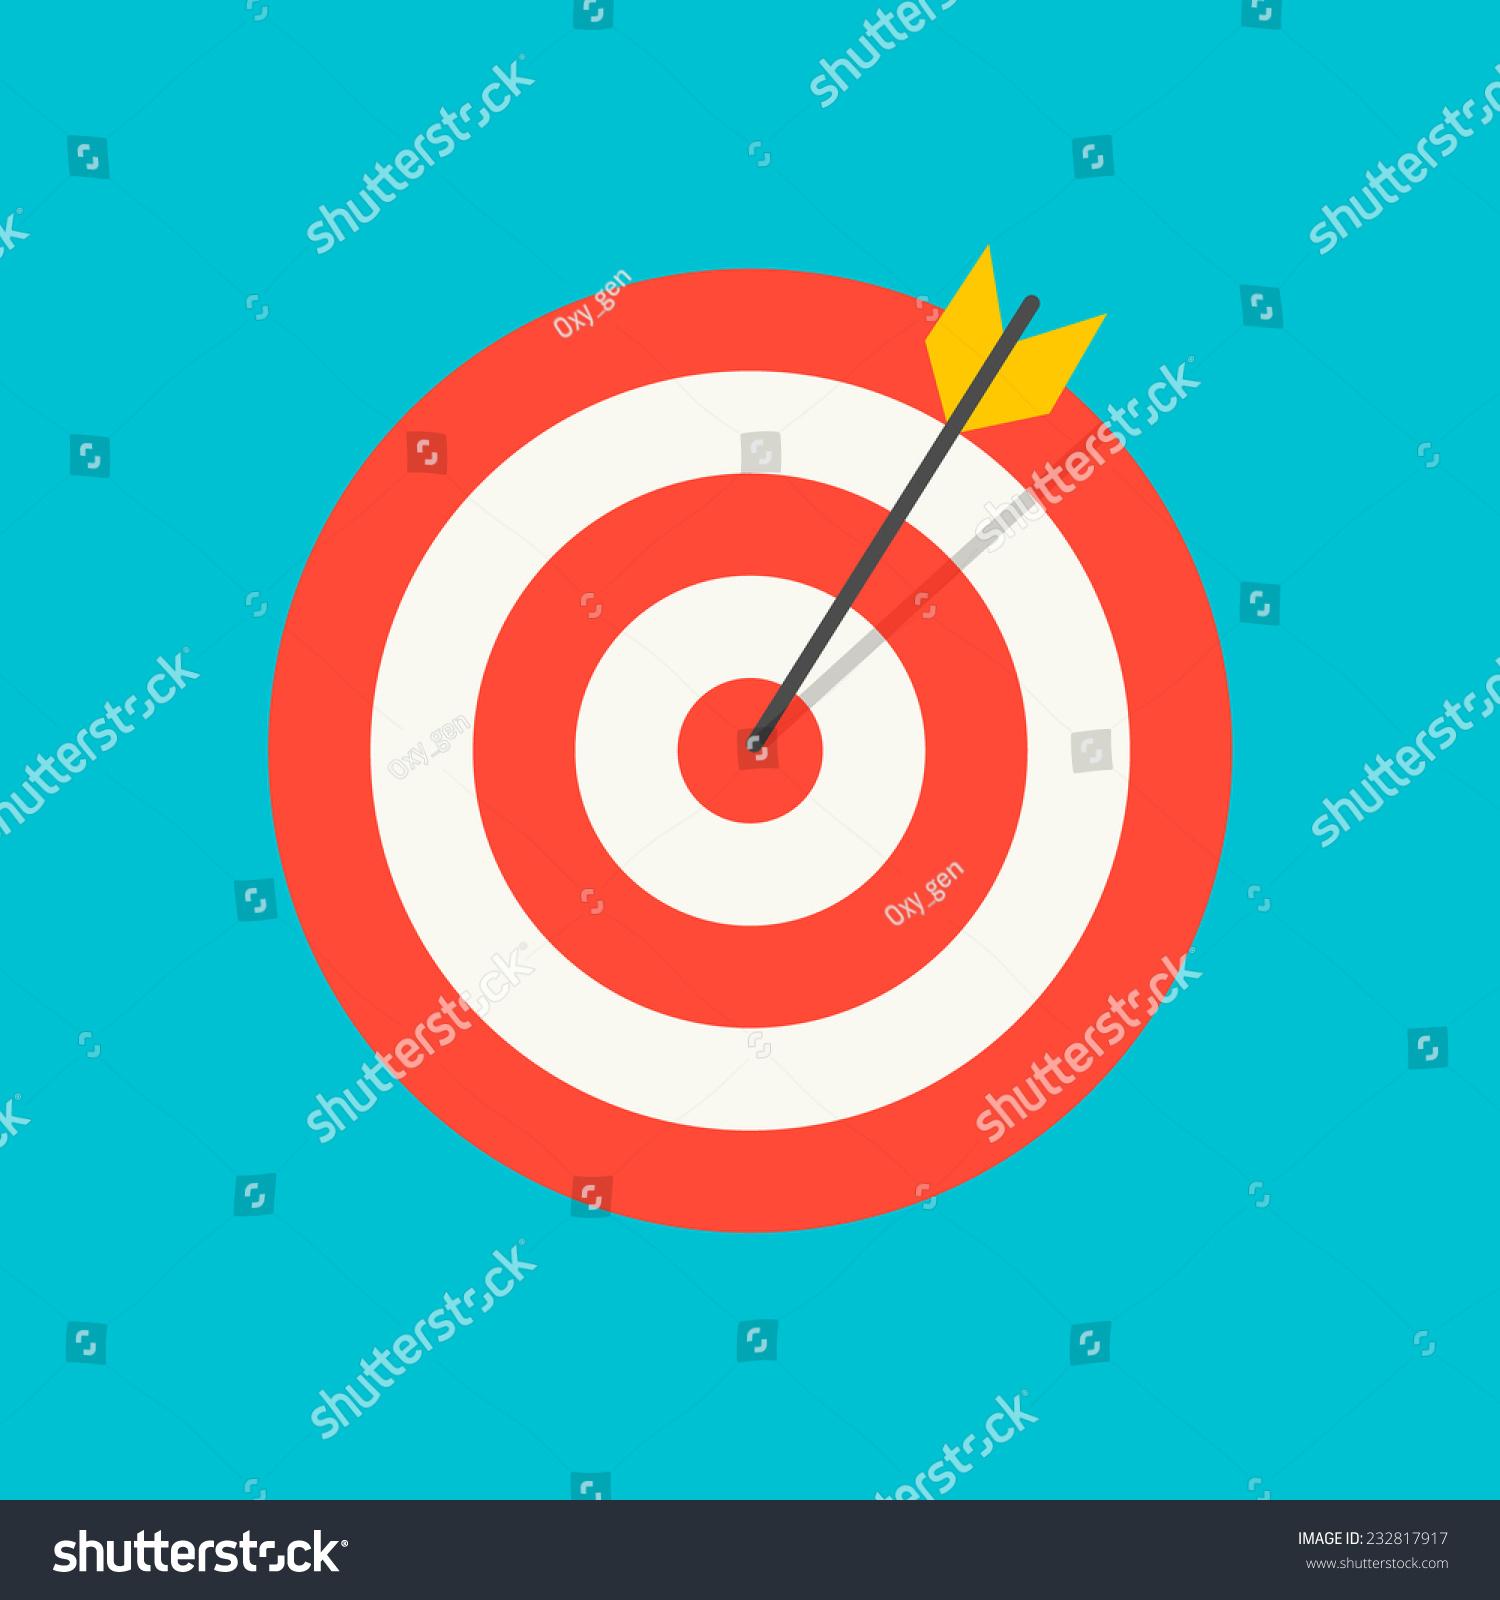 箭击中目标图标,矢量图-符号/标志,抽象-海洛创意()-.